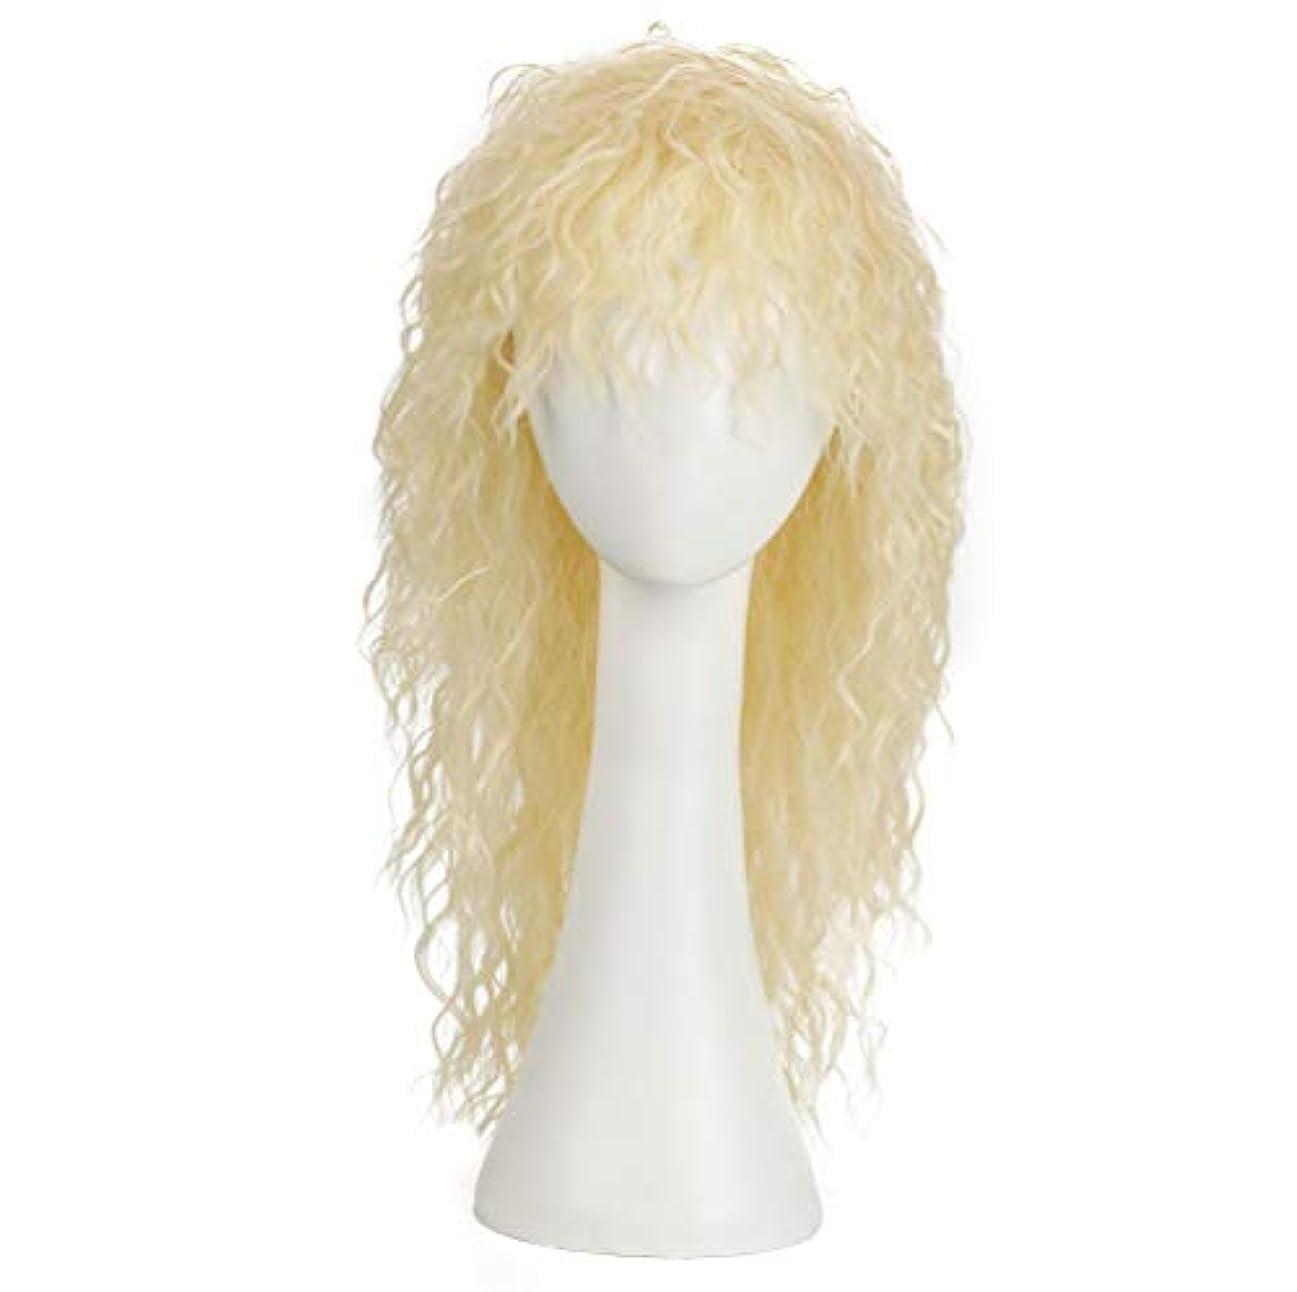 計画抵抗する汗ウィッグ女性150%密度ロングカールグルーレスベビーヘアフルヘッドウィッグ